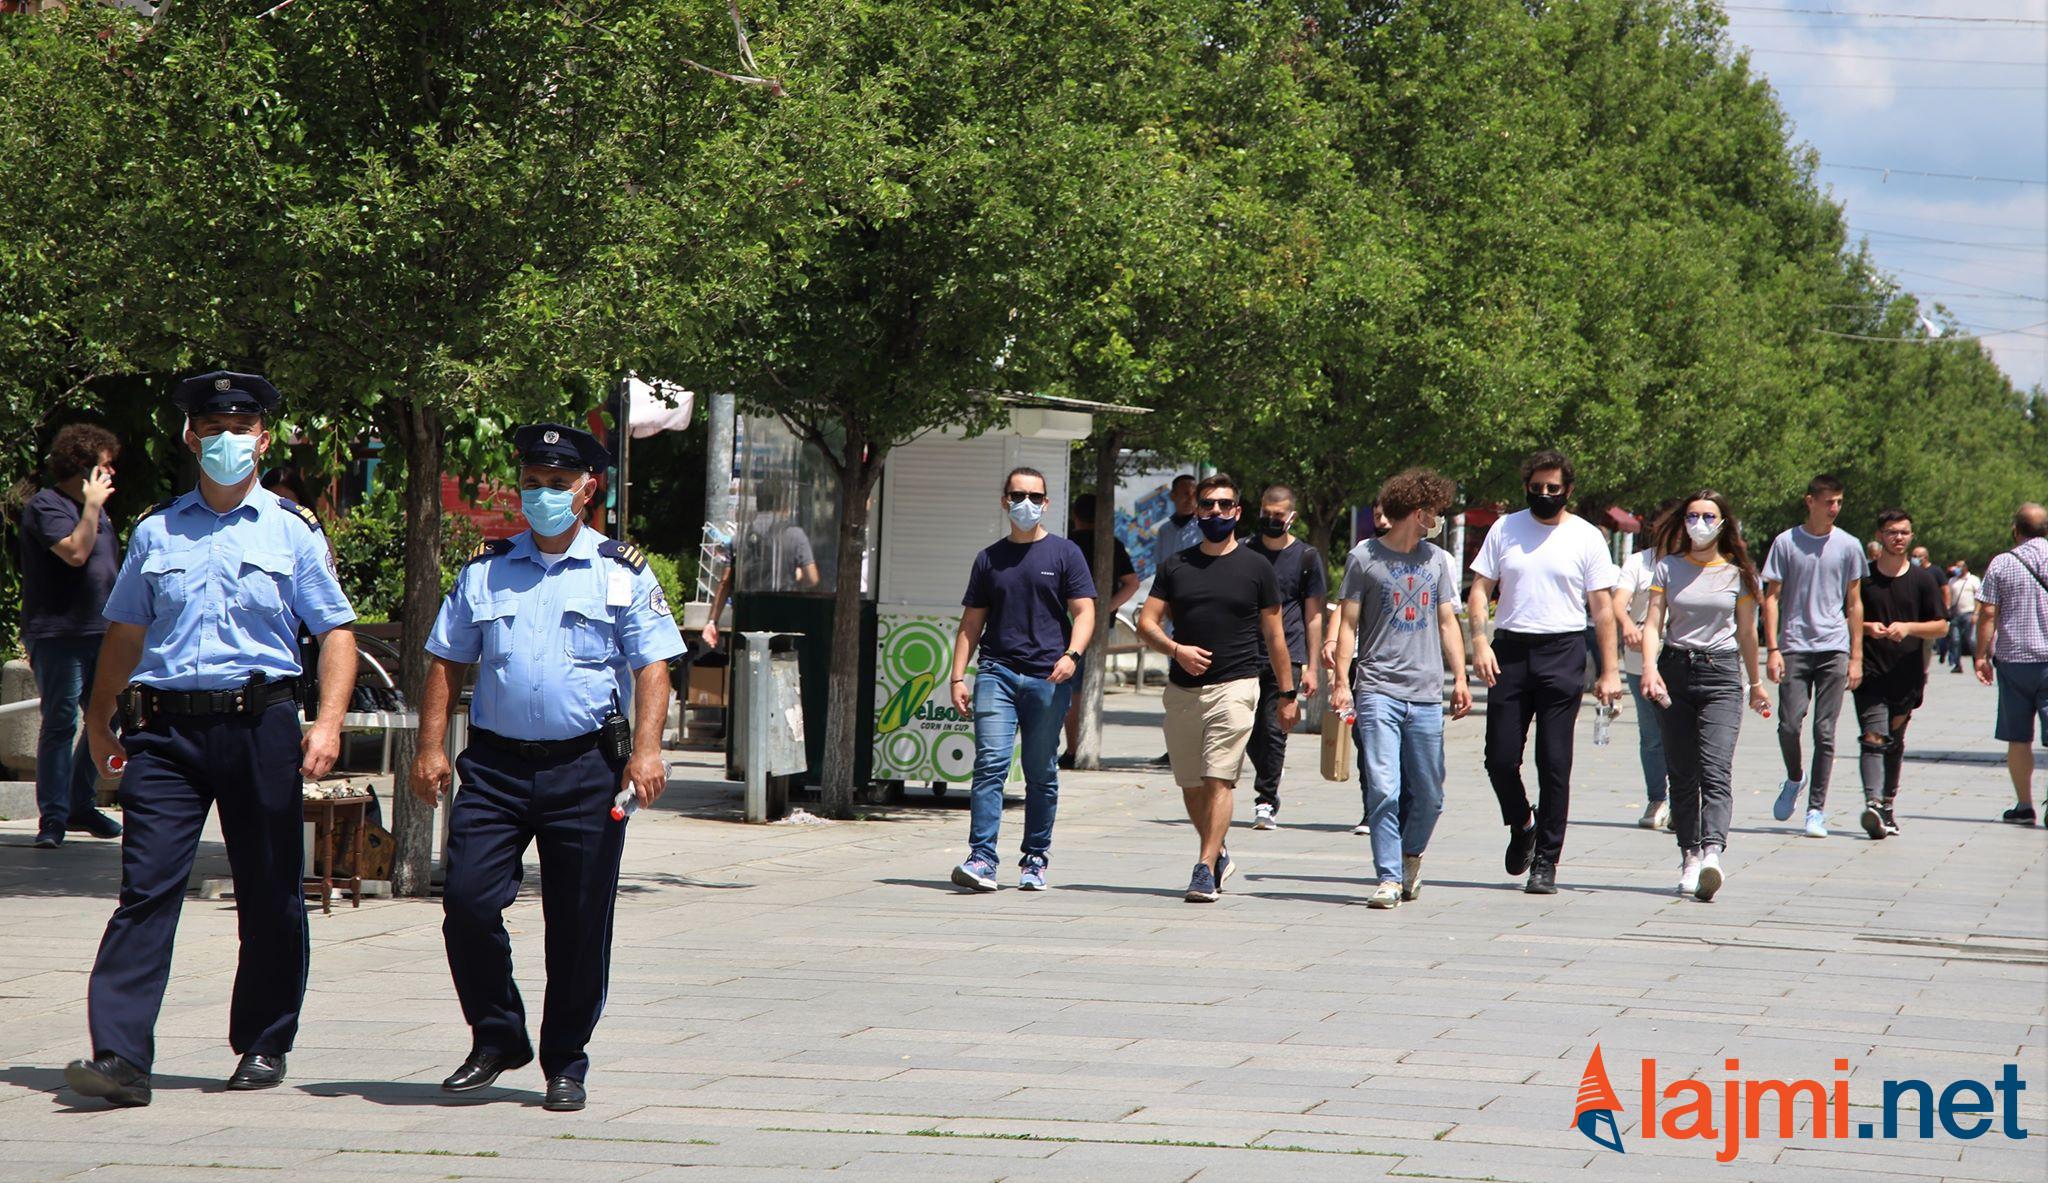 Për më pak se 3 muaj në Kosovë, afër 80 mijë qytetarë u dënuan për shkeljen e ligjit anti-Covid